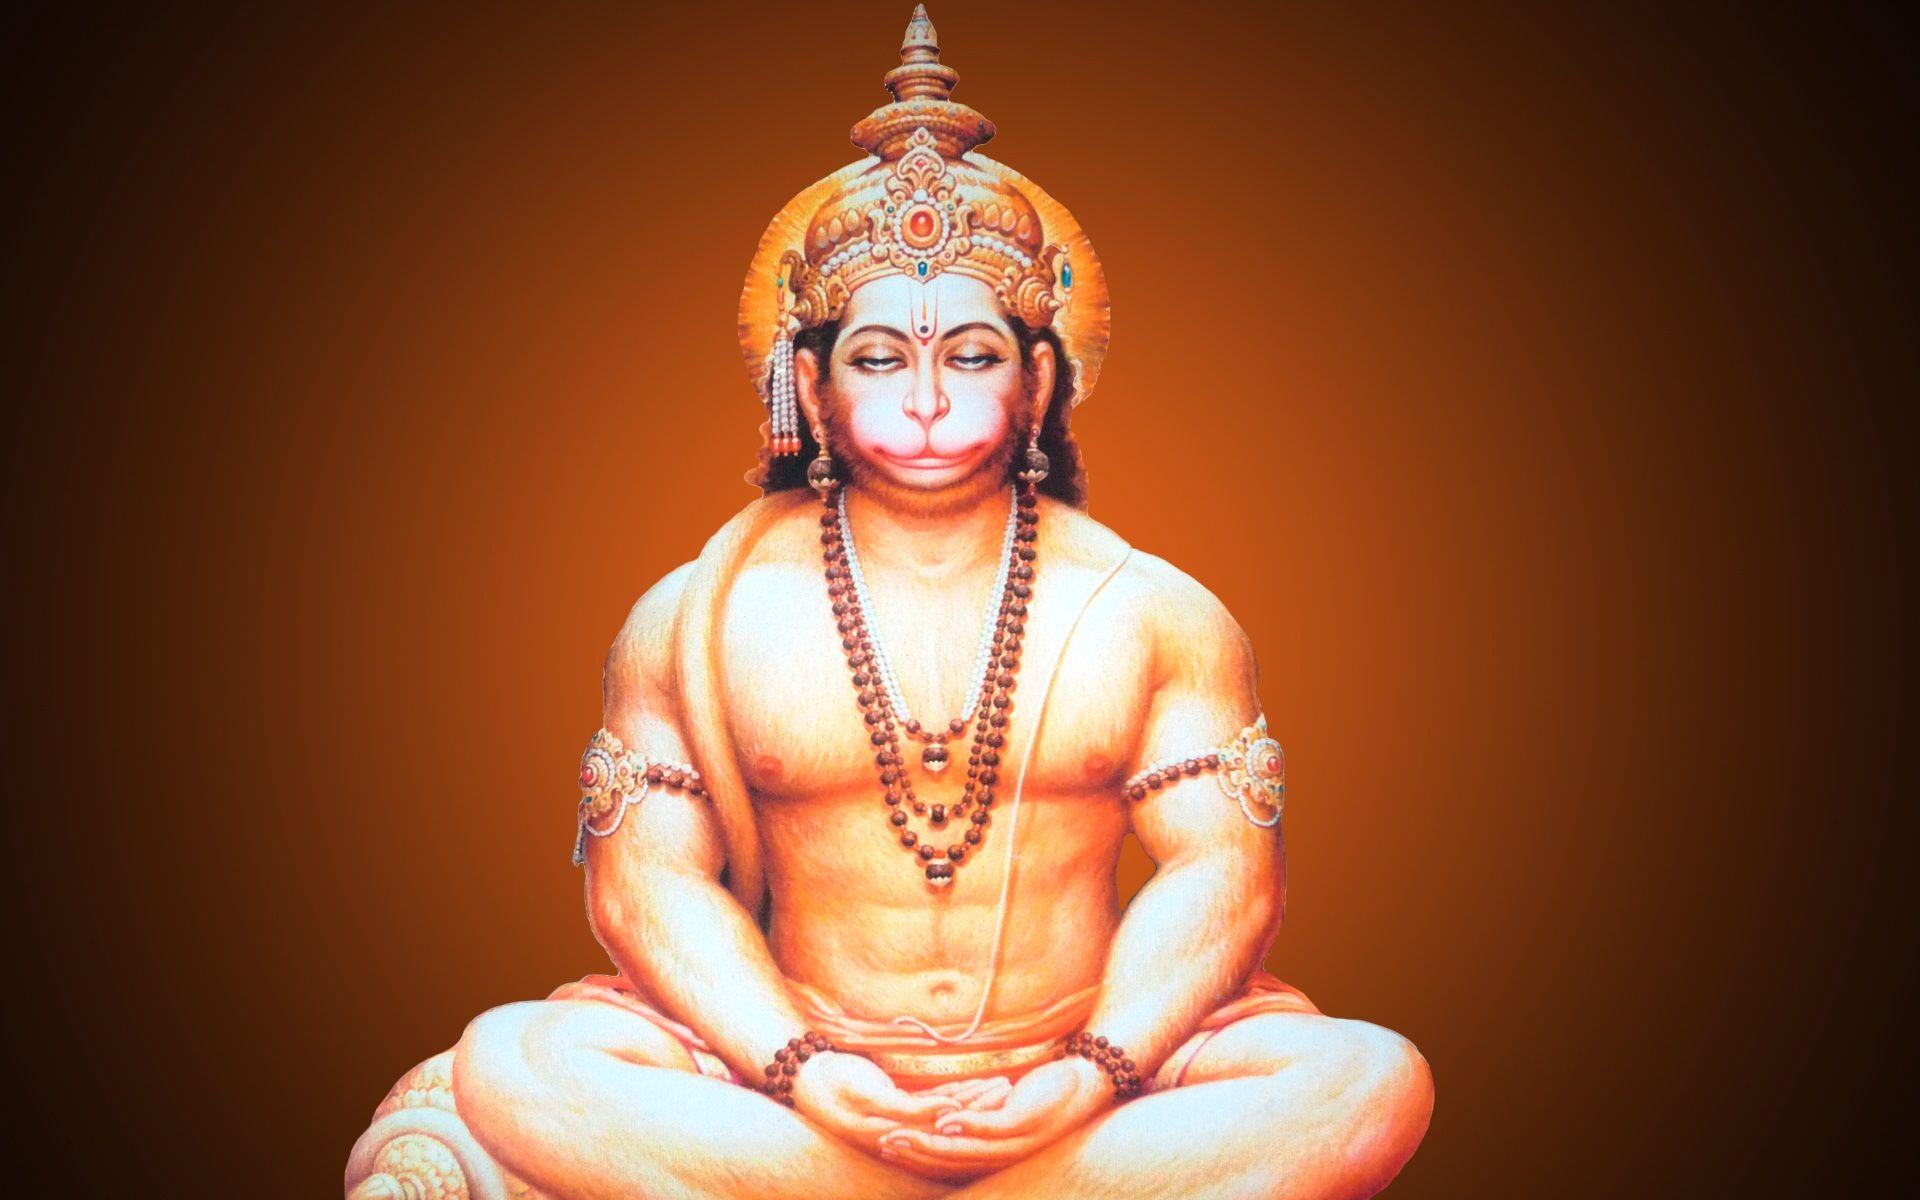 25+ Lord Hanuman Hd Wallpapers For Desktop